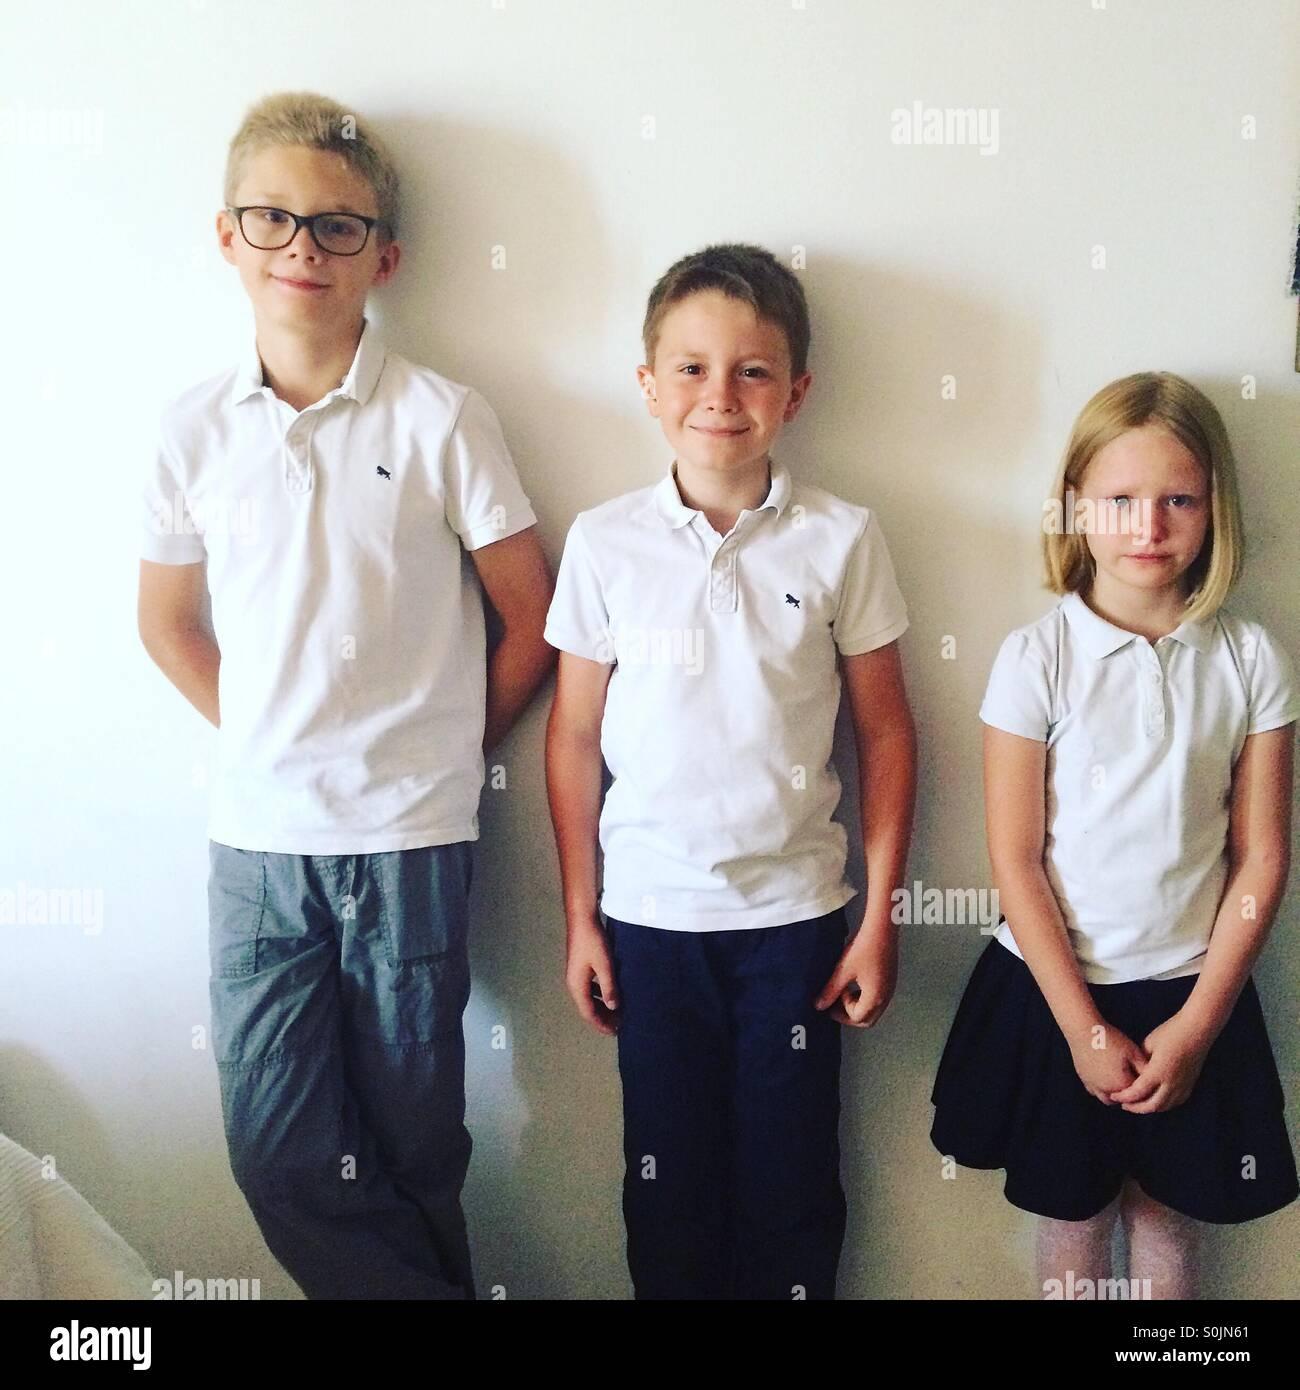 Trois enfants, frères et sœurs vêtus de tenues de nice , juste avant leur première journée d'école Photo Stock